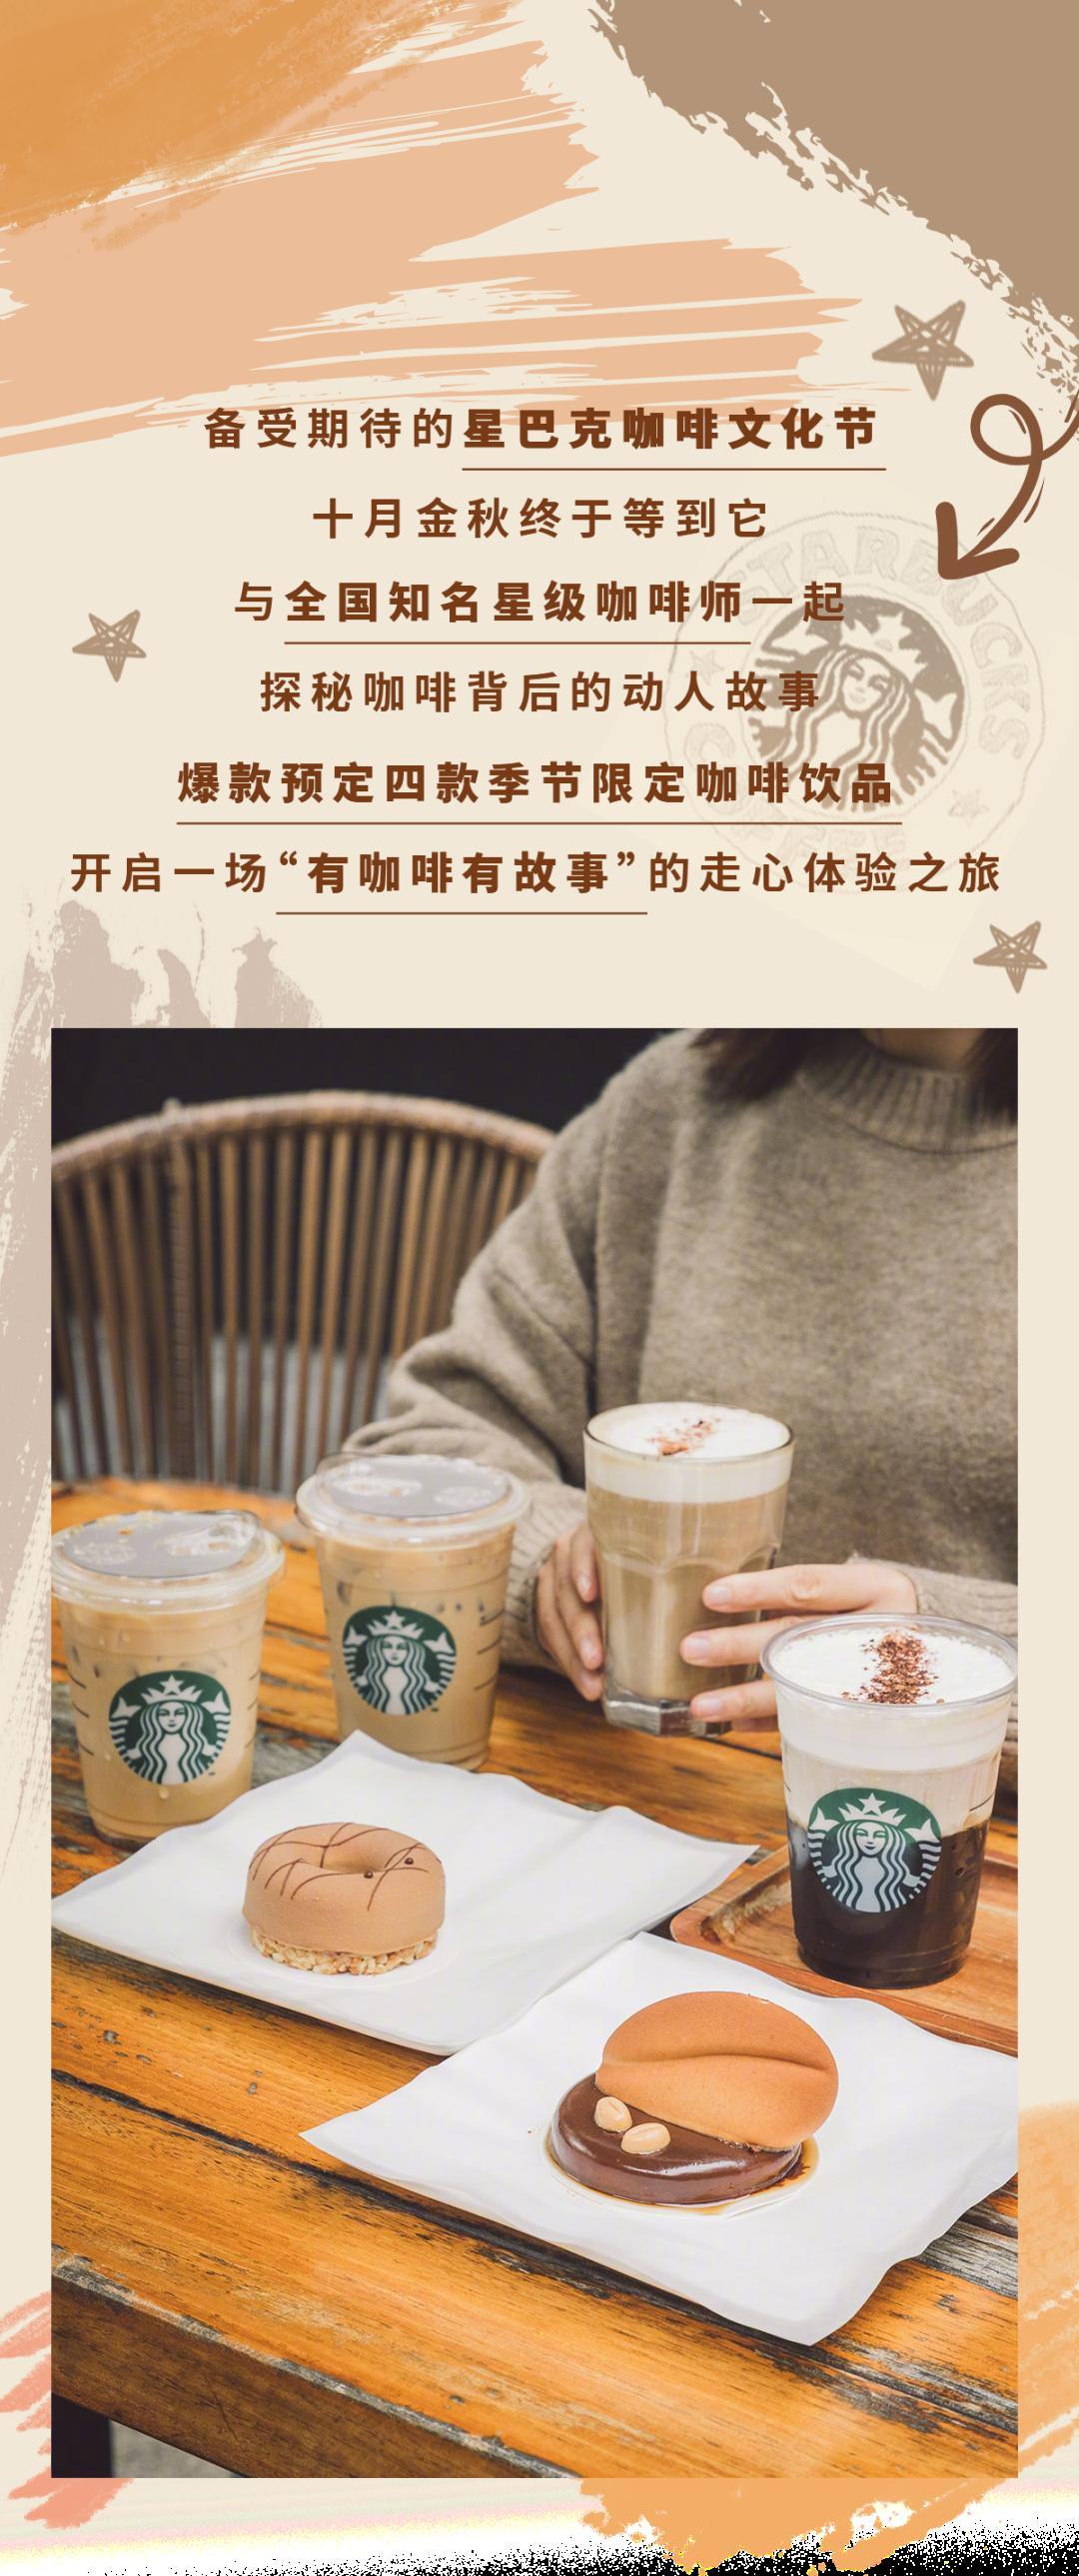 星巴克一年一度咖啡文化节如期而至!与星级咖啡师近距离接触,还可以惊喜体验4款季节限定新品!(图2)